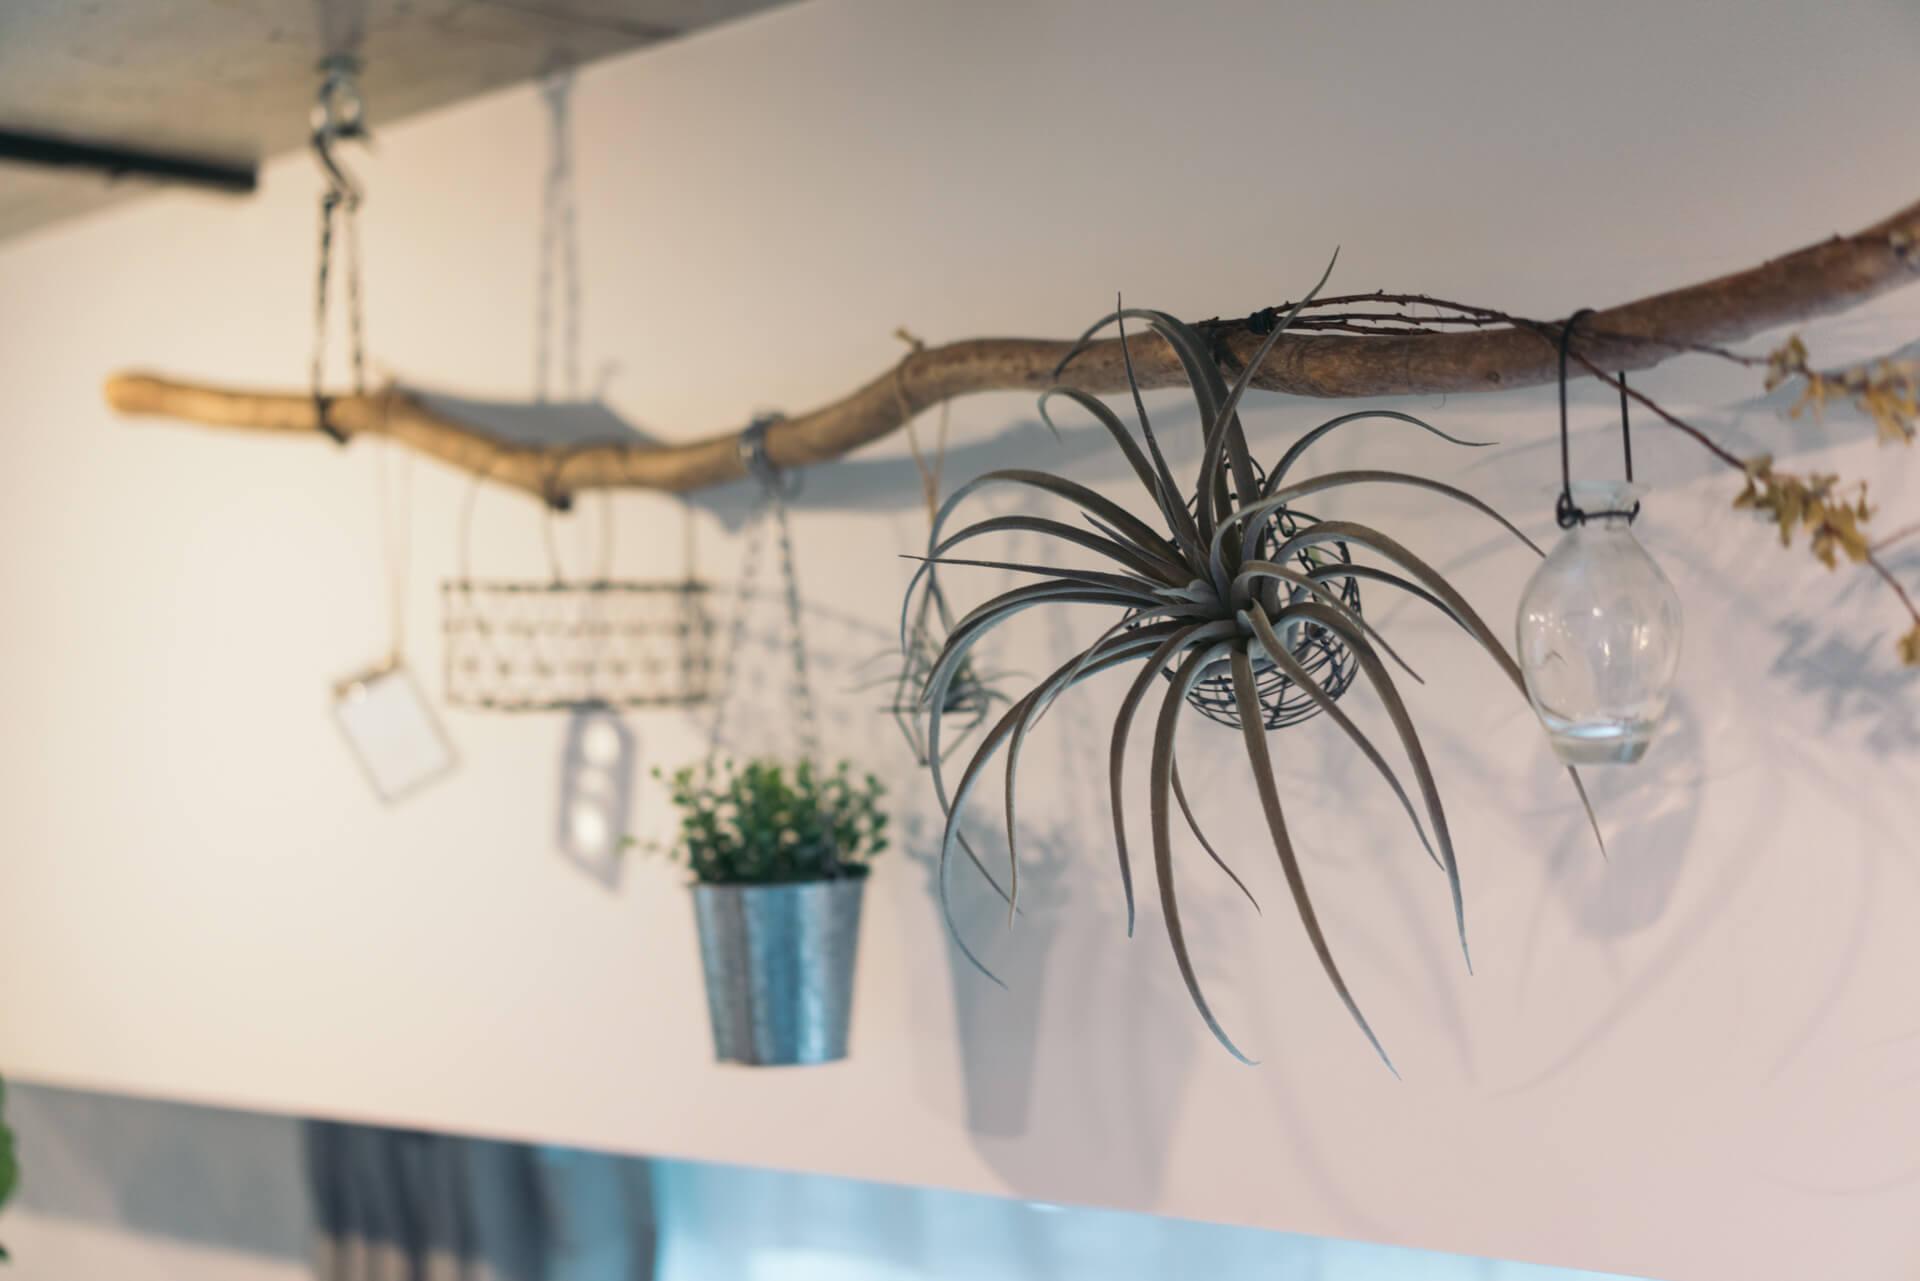 天井から吊るされているのは流木。さりげなく小さな植物たちが飾られています。